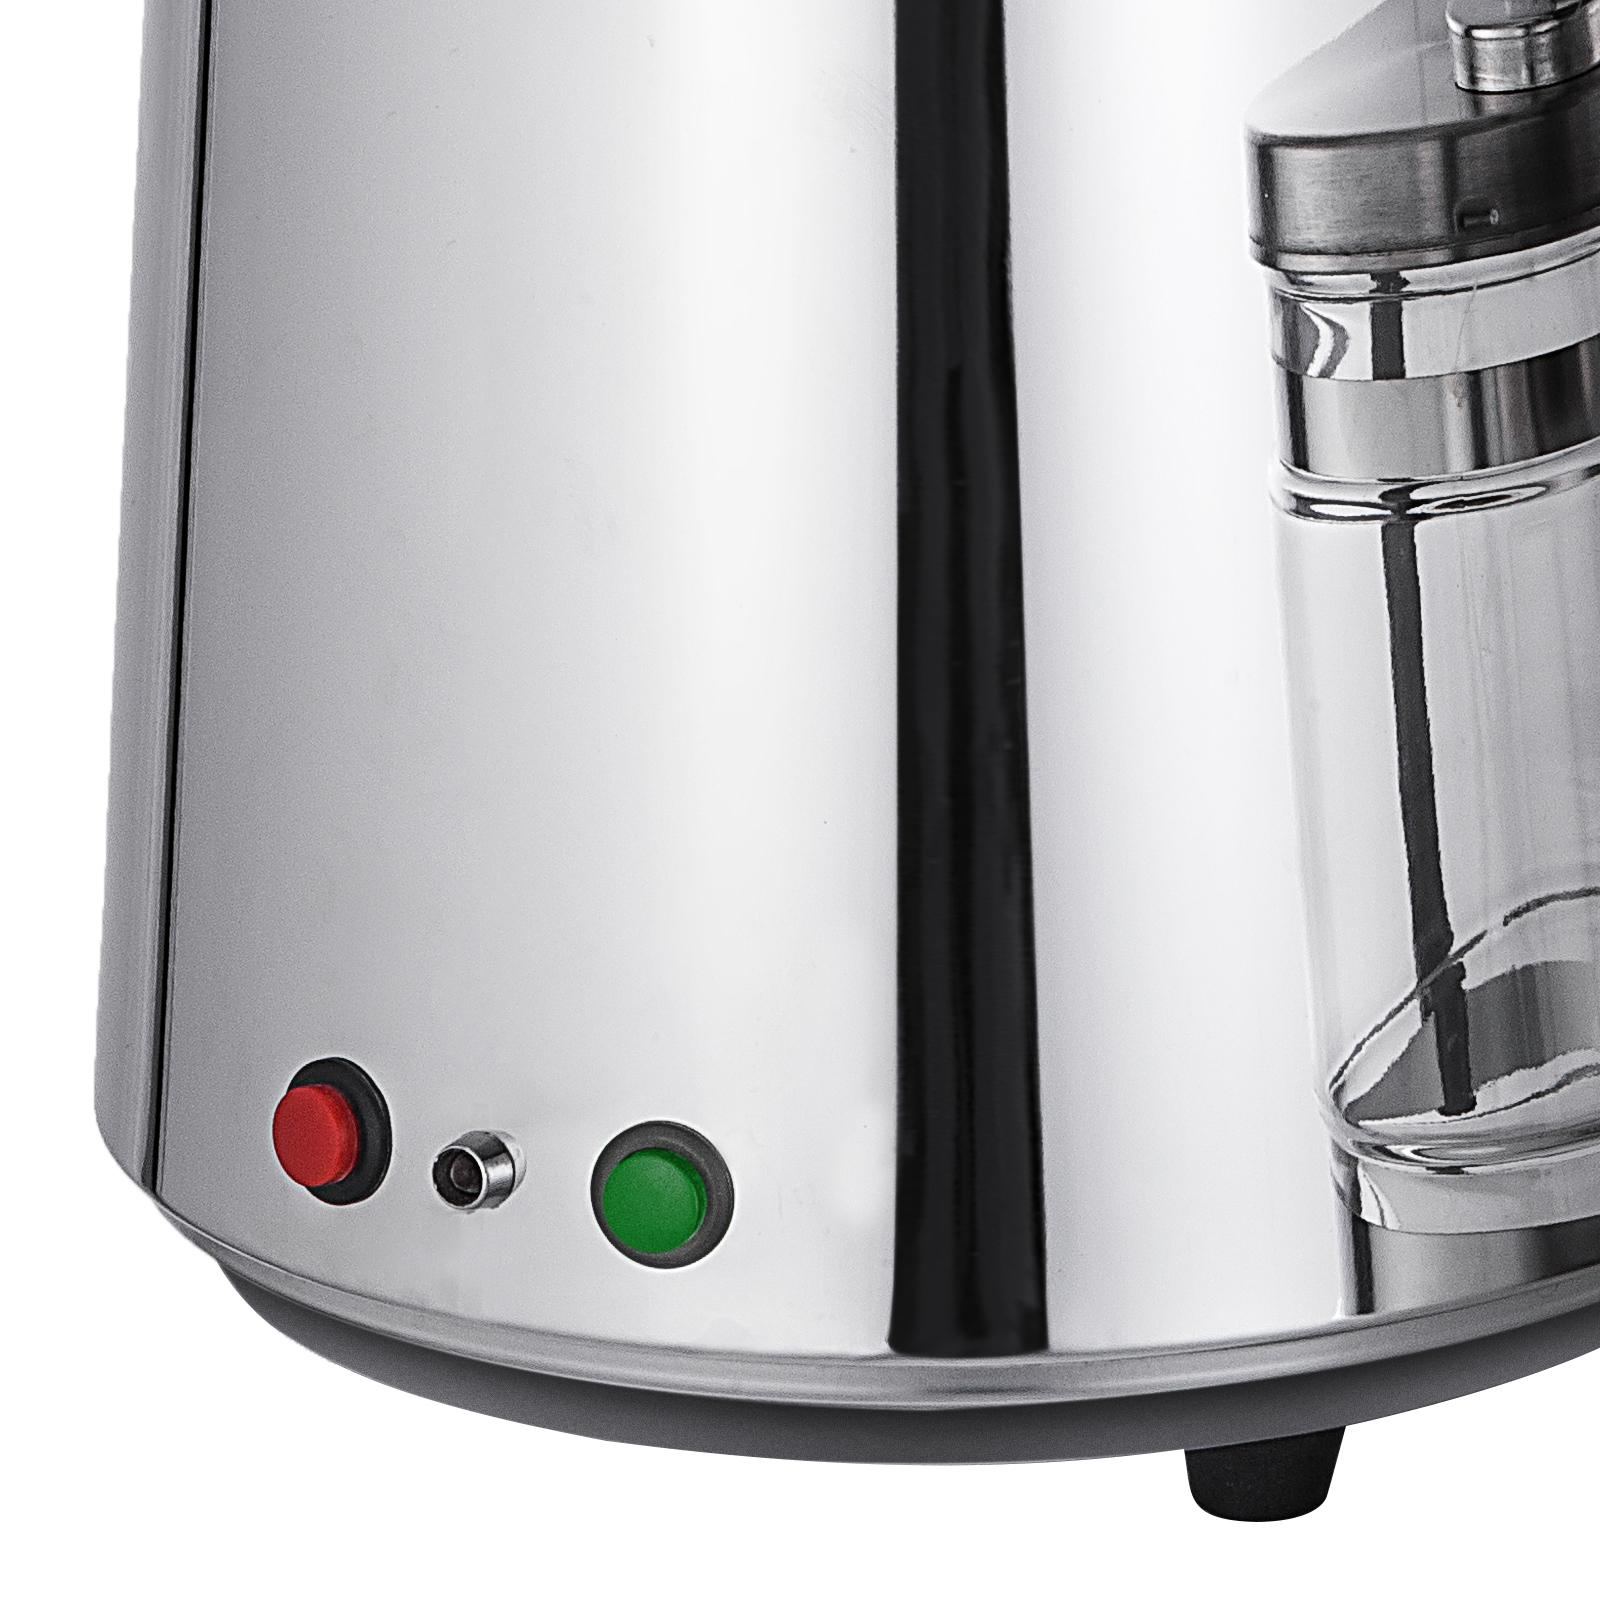 750W-4L-Wasser-Destilliergeraet-Water-Distiller-Einmachglas-Wasserflasche-Zuhause Indexbild 35